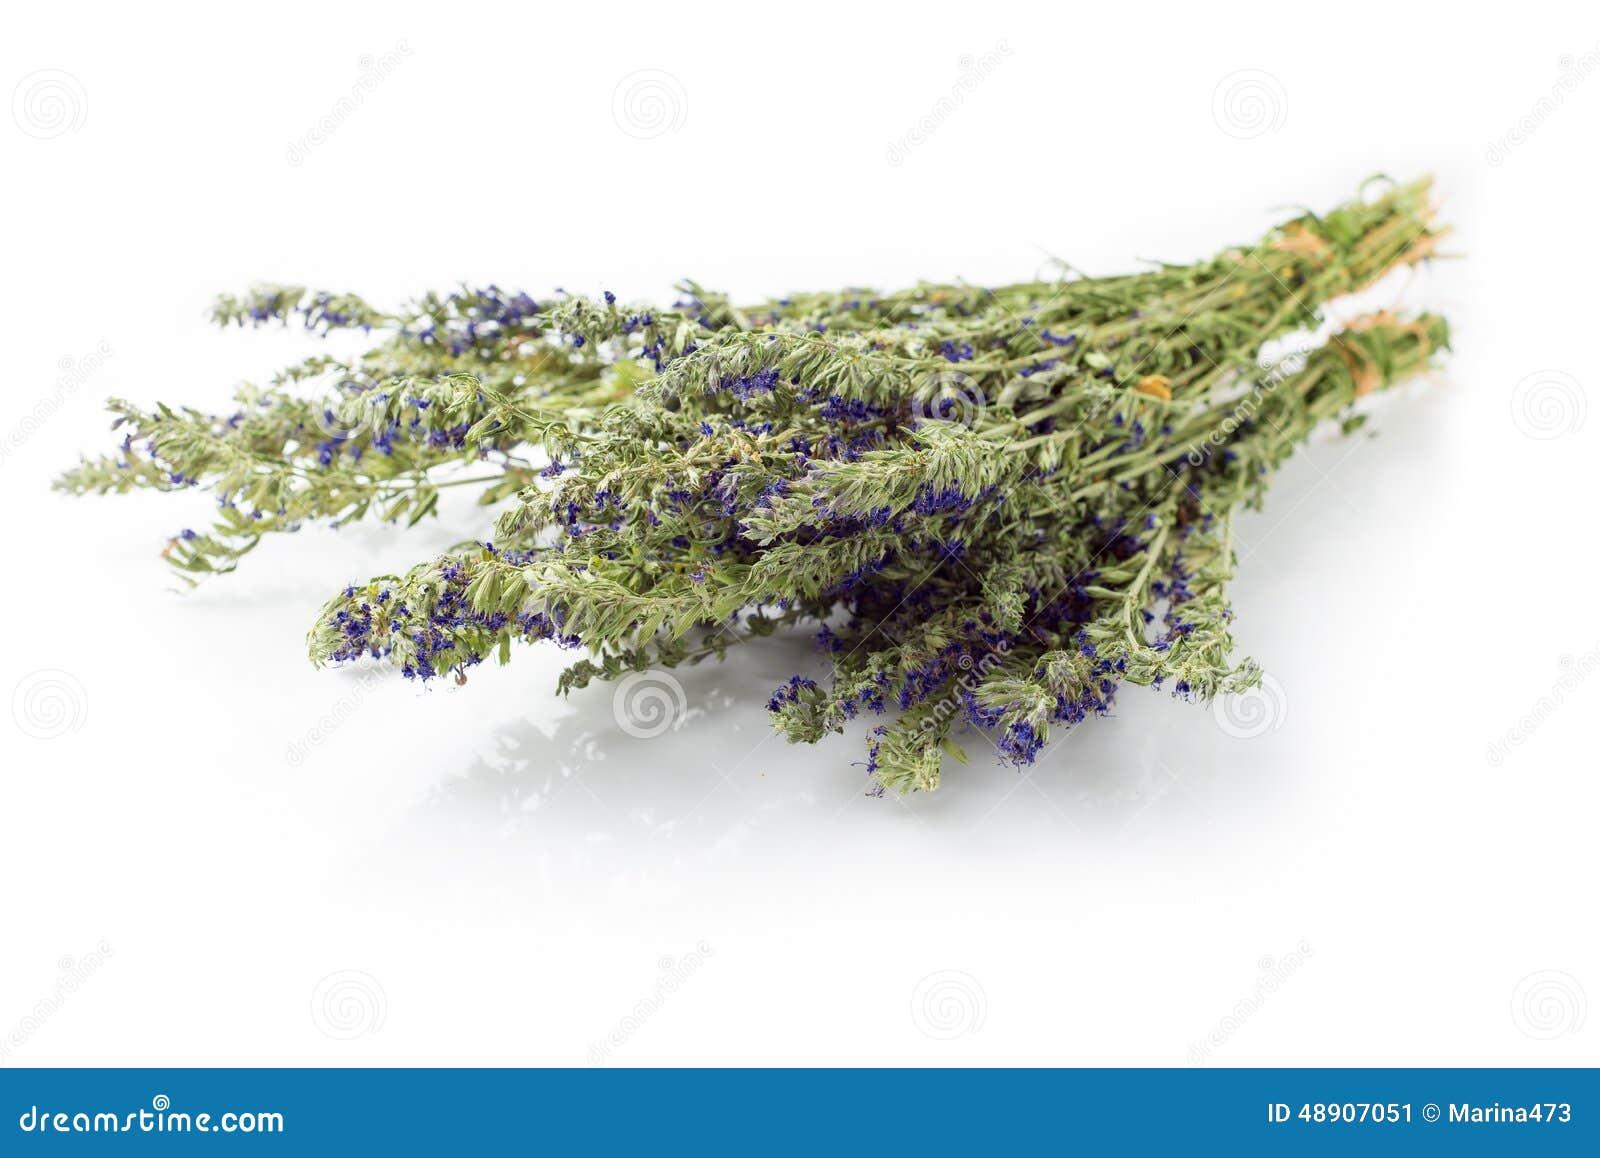 Dried hyssop twigs